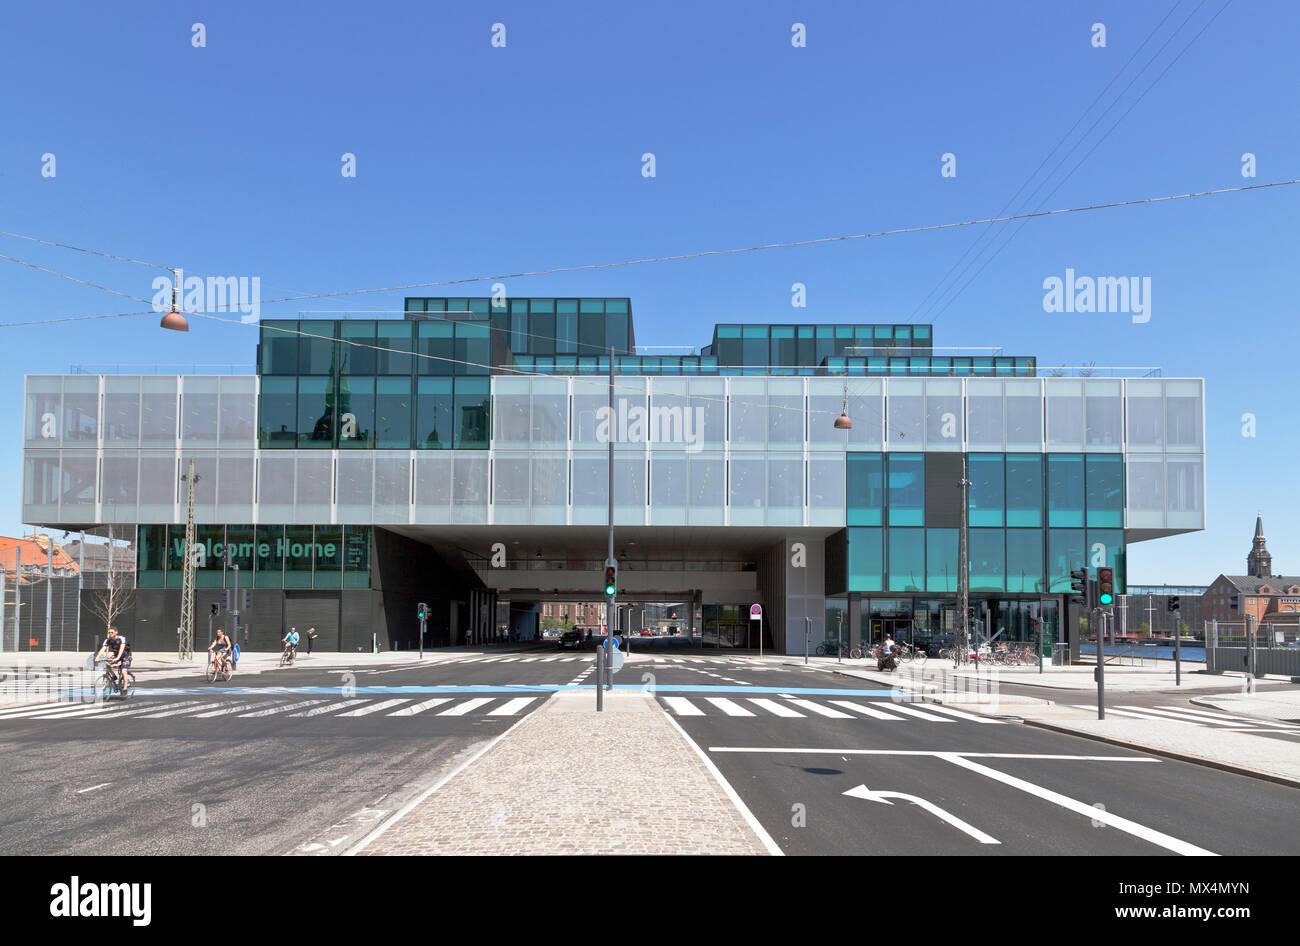 Die Blox Gebäude Einen Neuen Prestige Gebäude Für Architektur Und